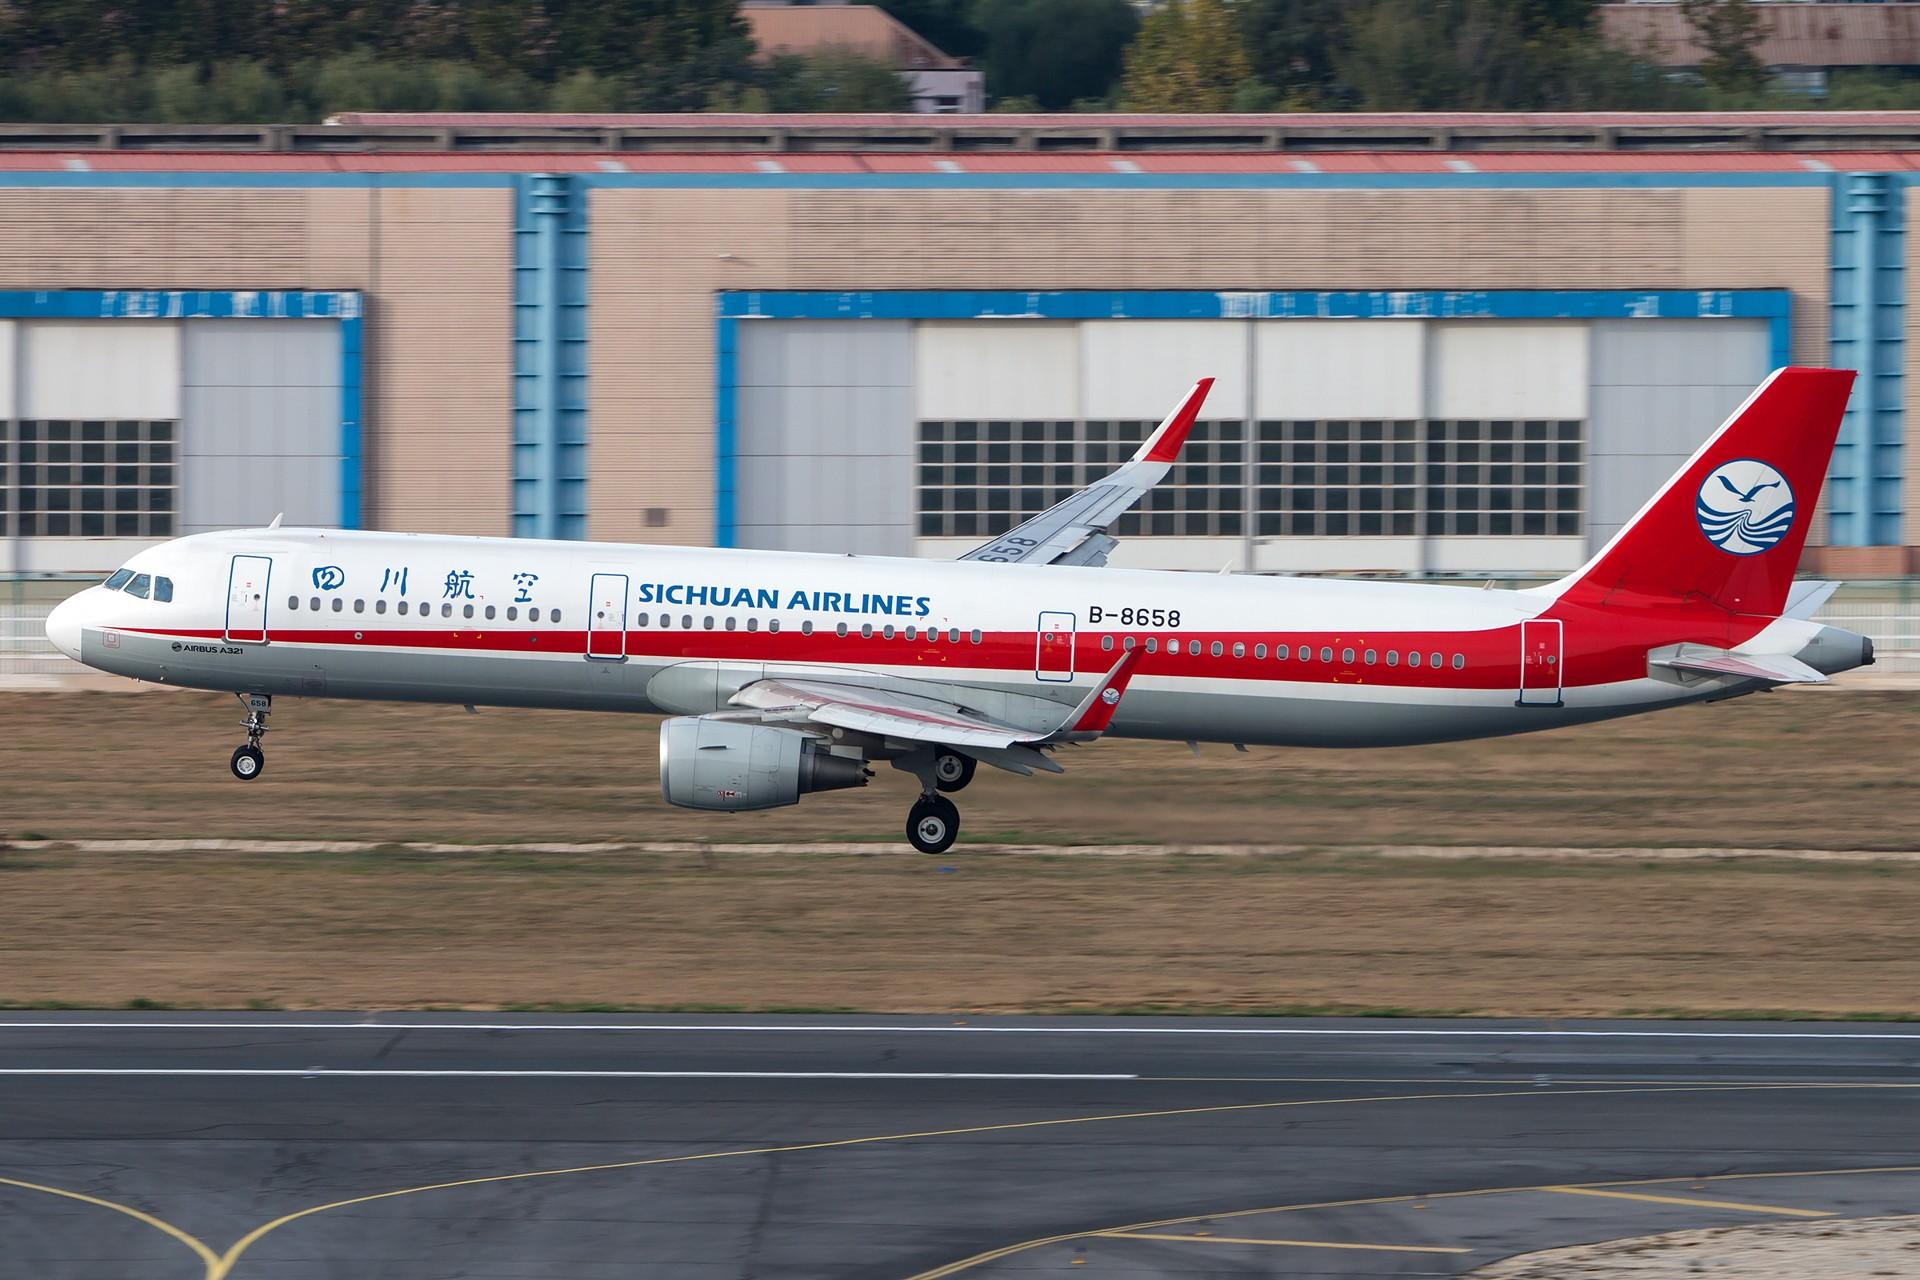 [原创]川农特技飞行表演队 1920*1280 AIRBUS A321-200 B-8658 中国大连国际机场